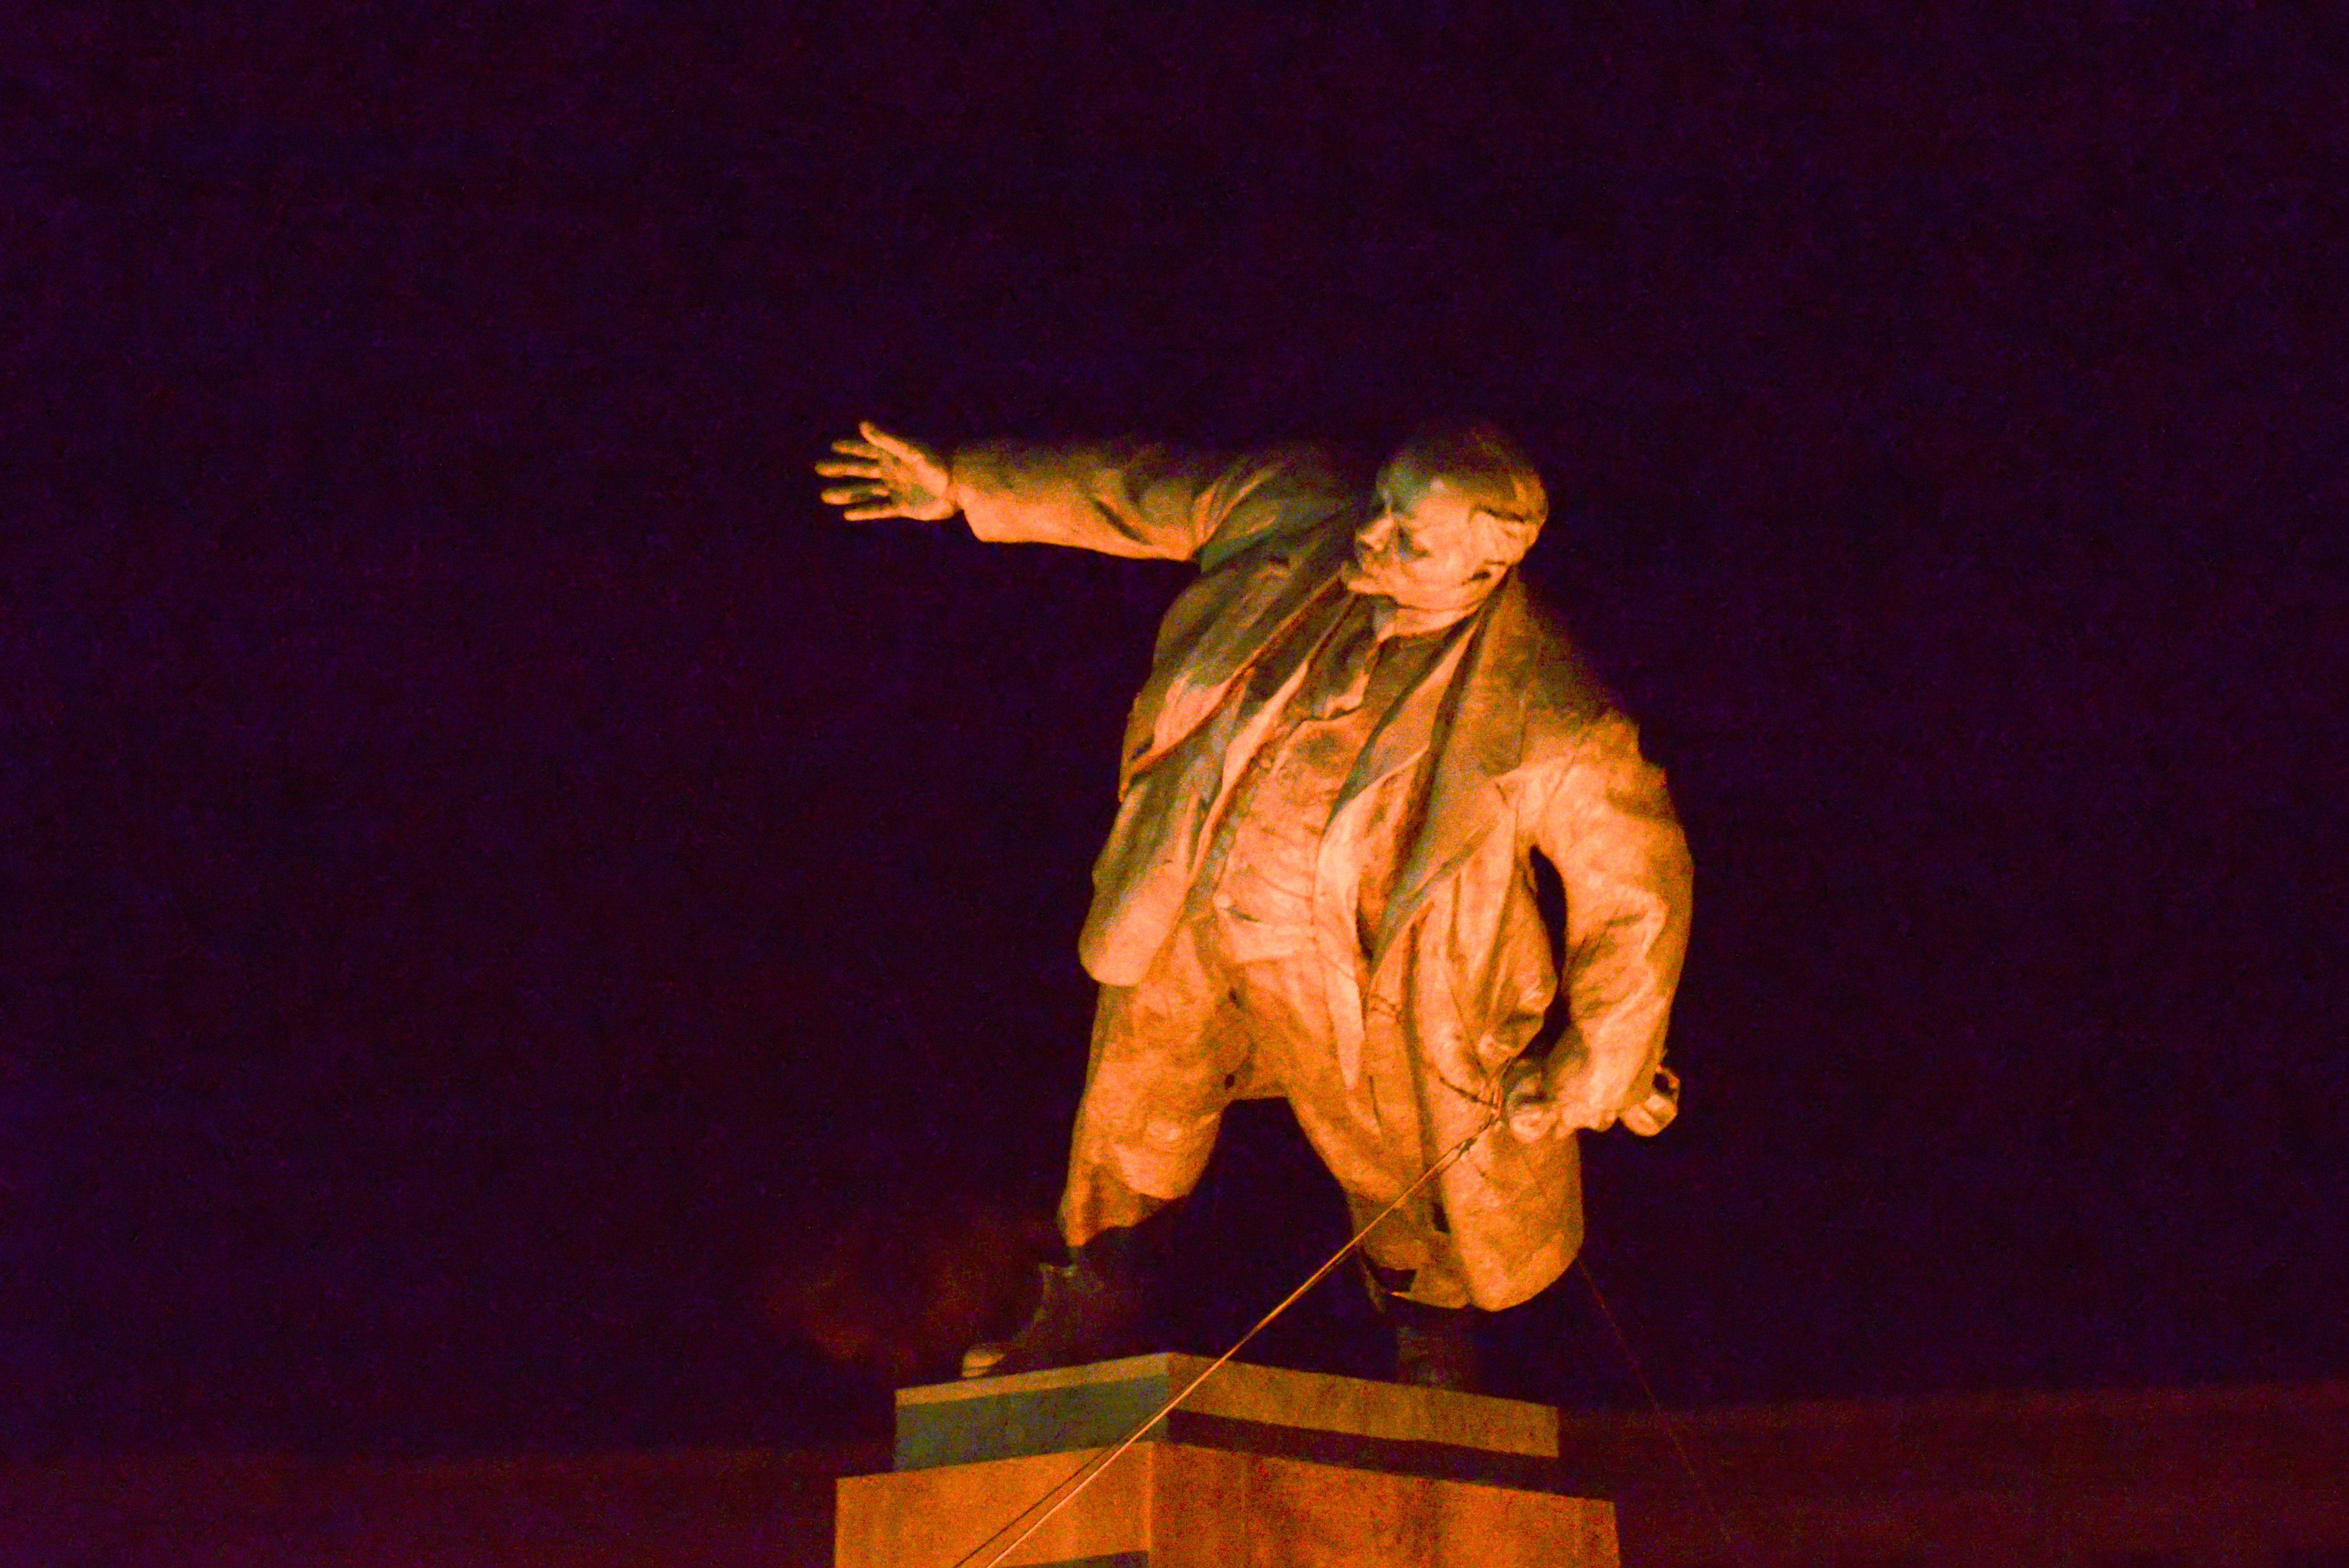 Cea mai mare statuie a lui Lenin din Ucraina, demontata si distrusa cu ciocanul de nationalistii ucraineni. VIDEO